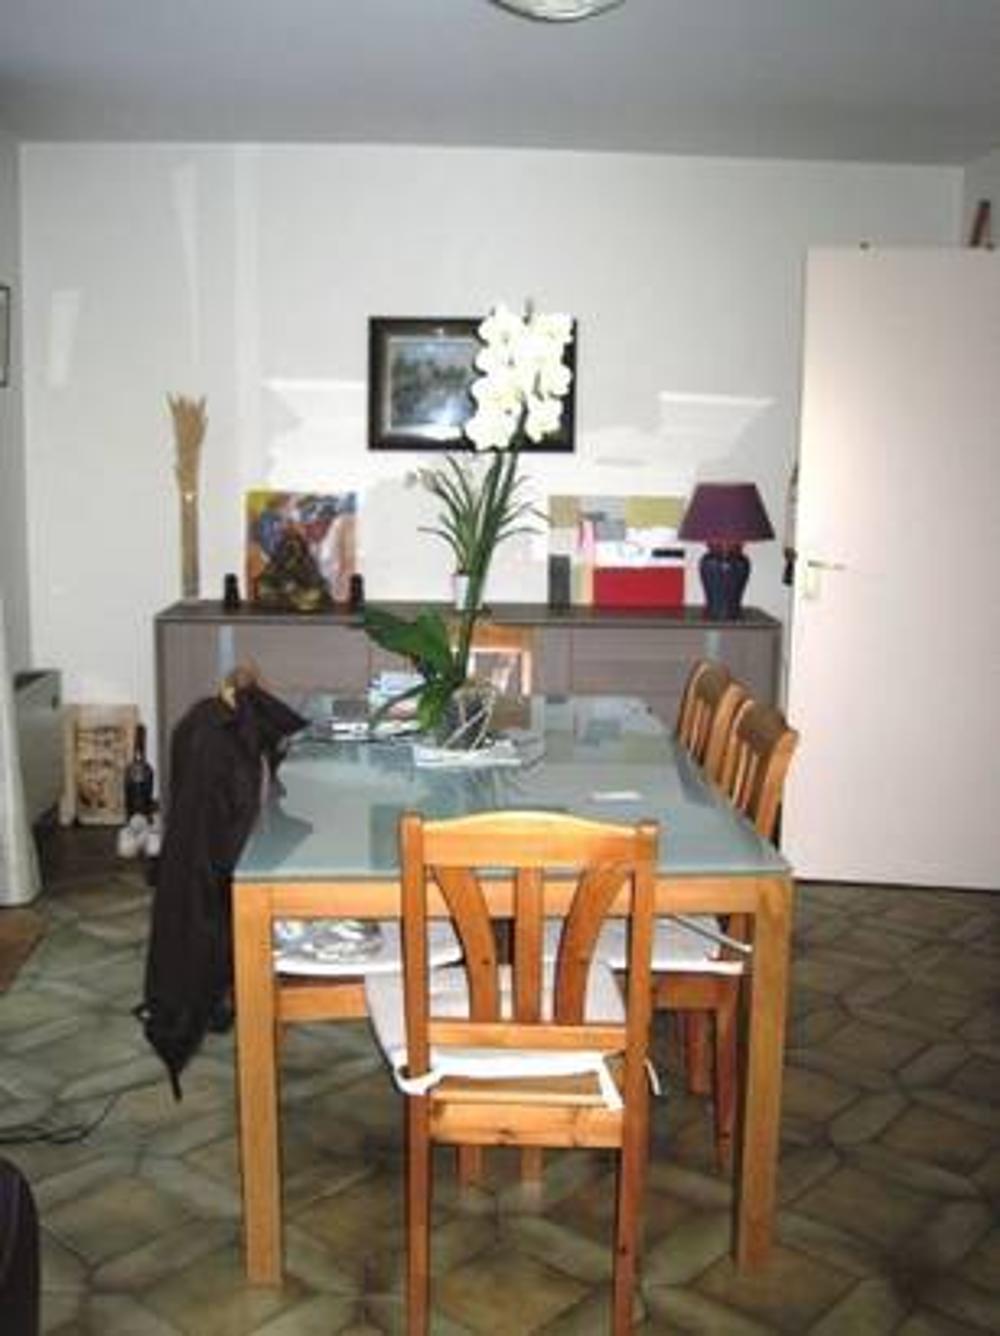 Armentières-en-Brie Seine-et-Marne Haus Bild 3359181